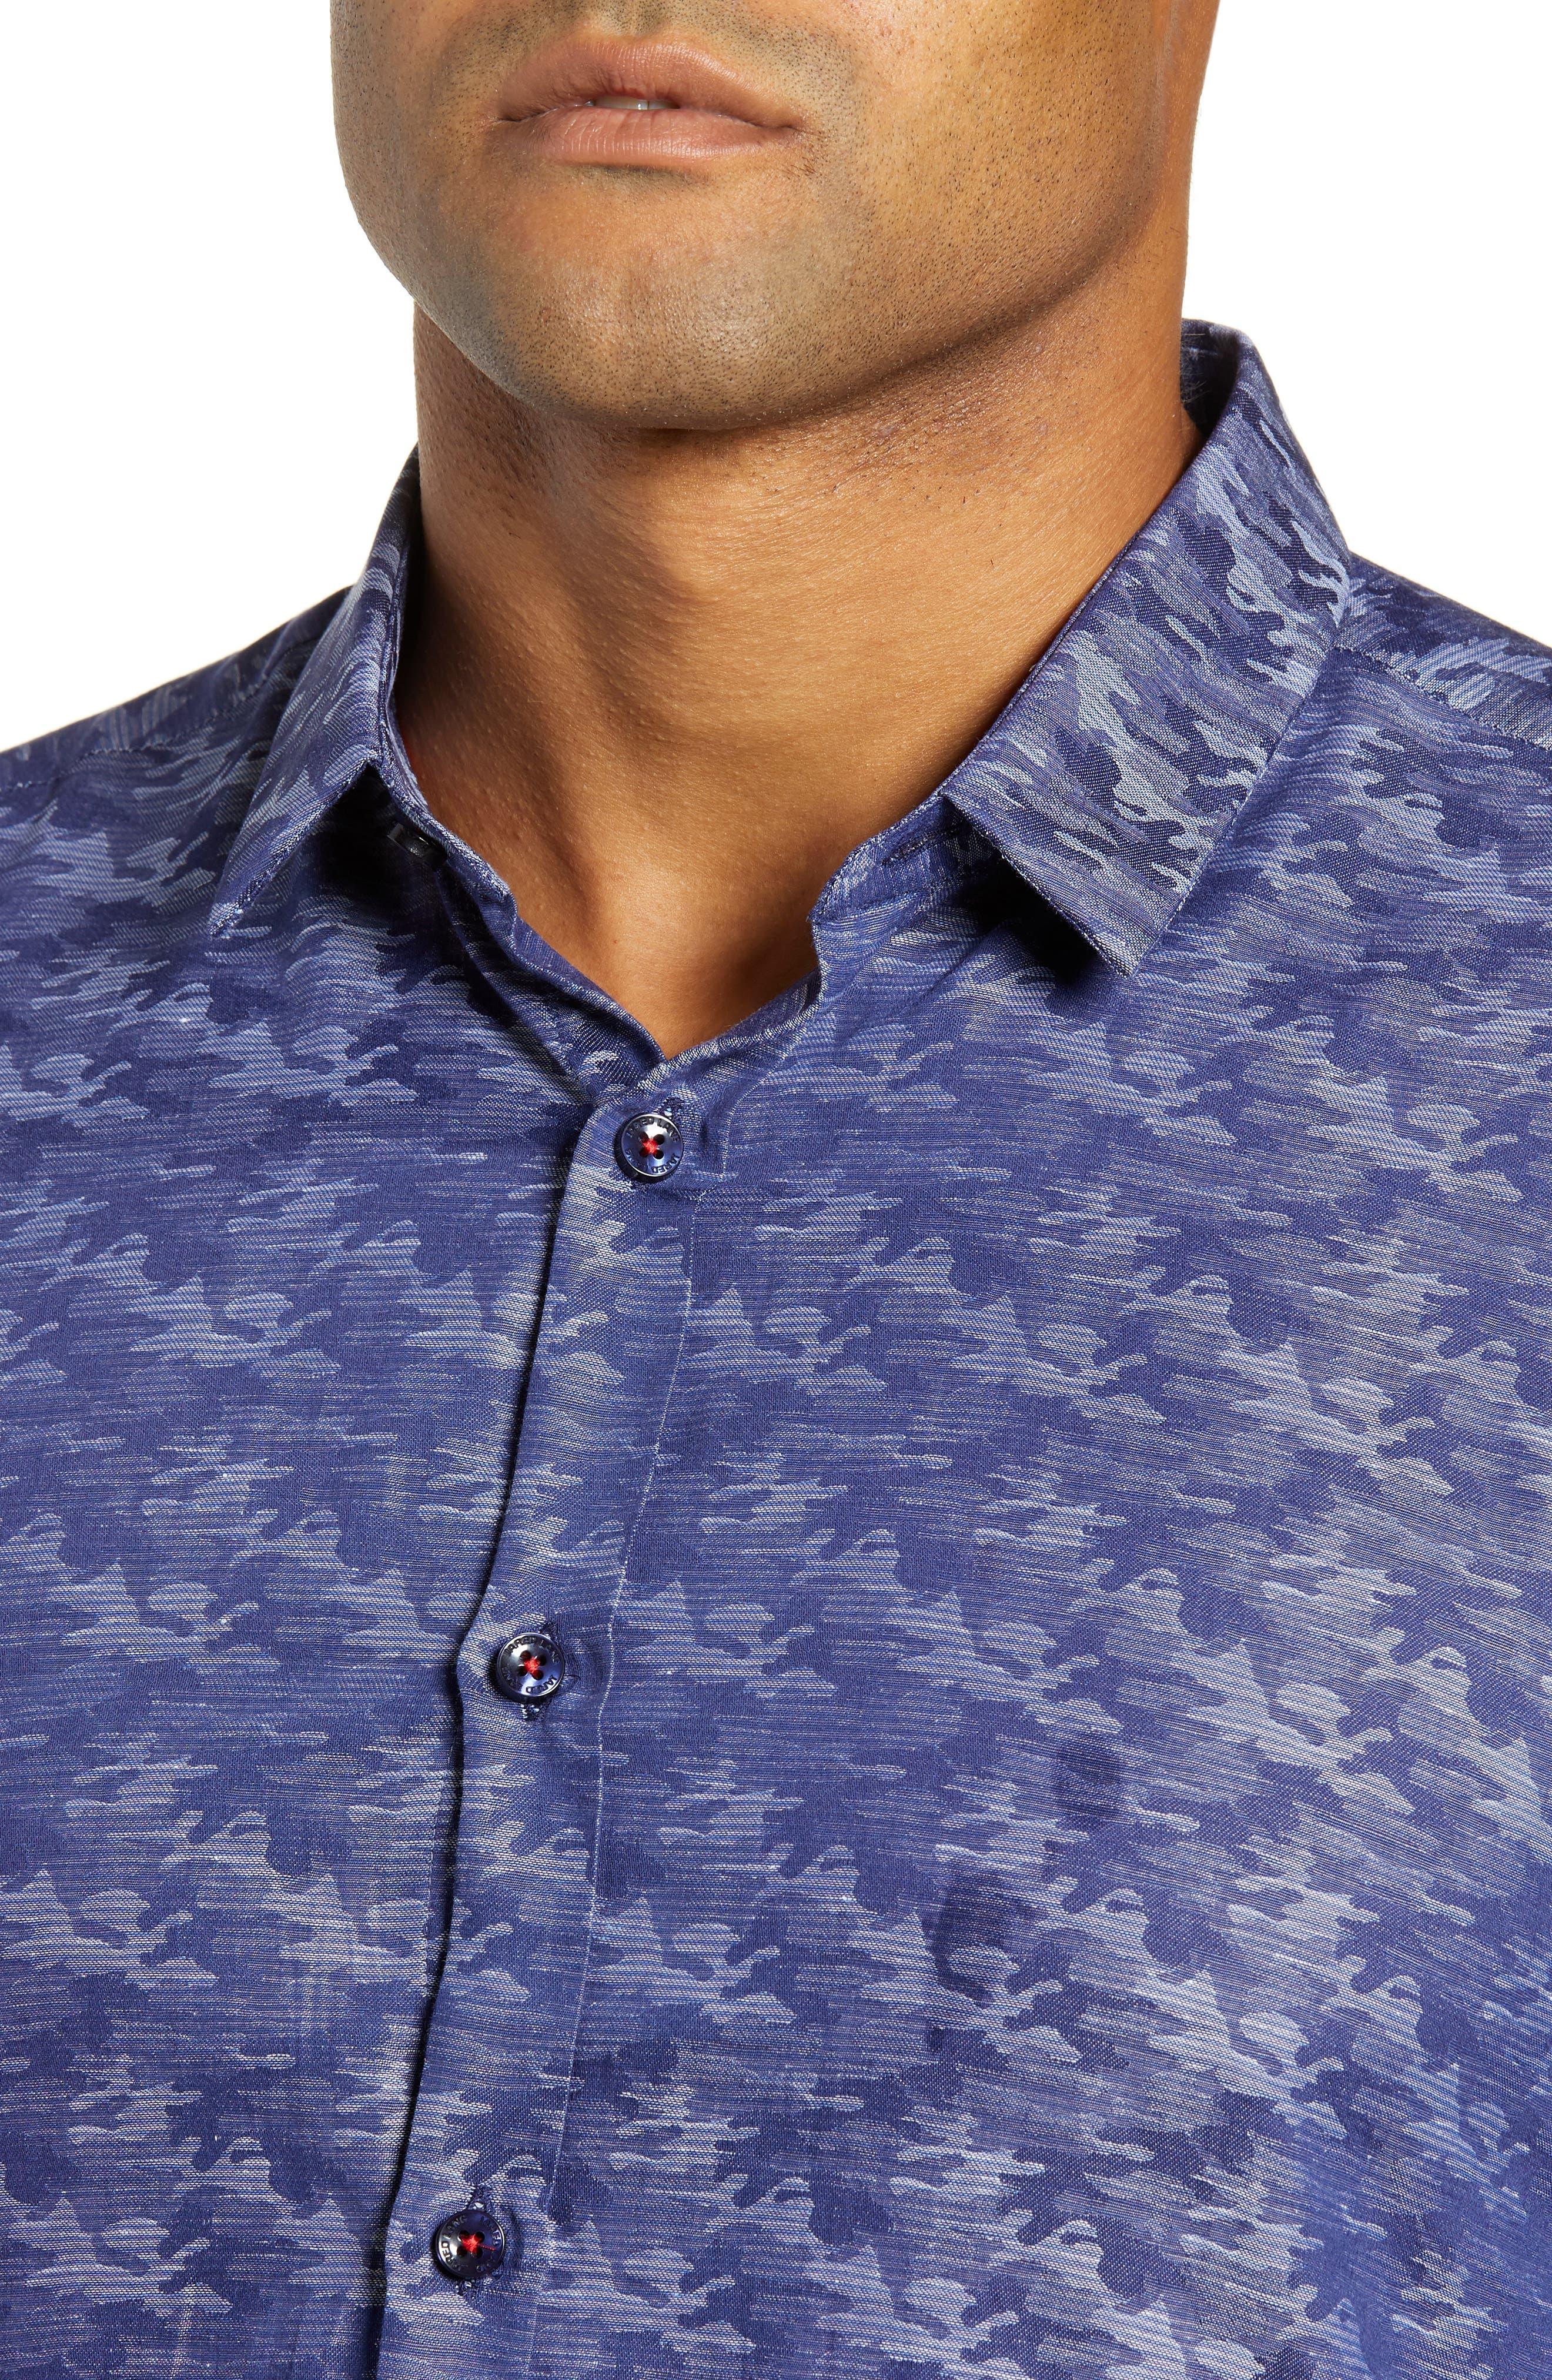 Trim Fit Sport Shirt,                             Alternate thumbnail 2, color,                             BLUE CAMO